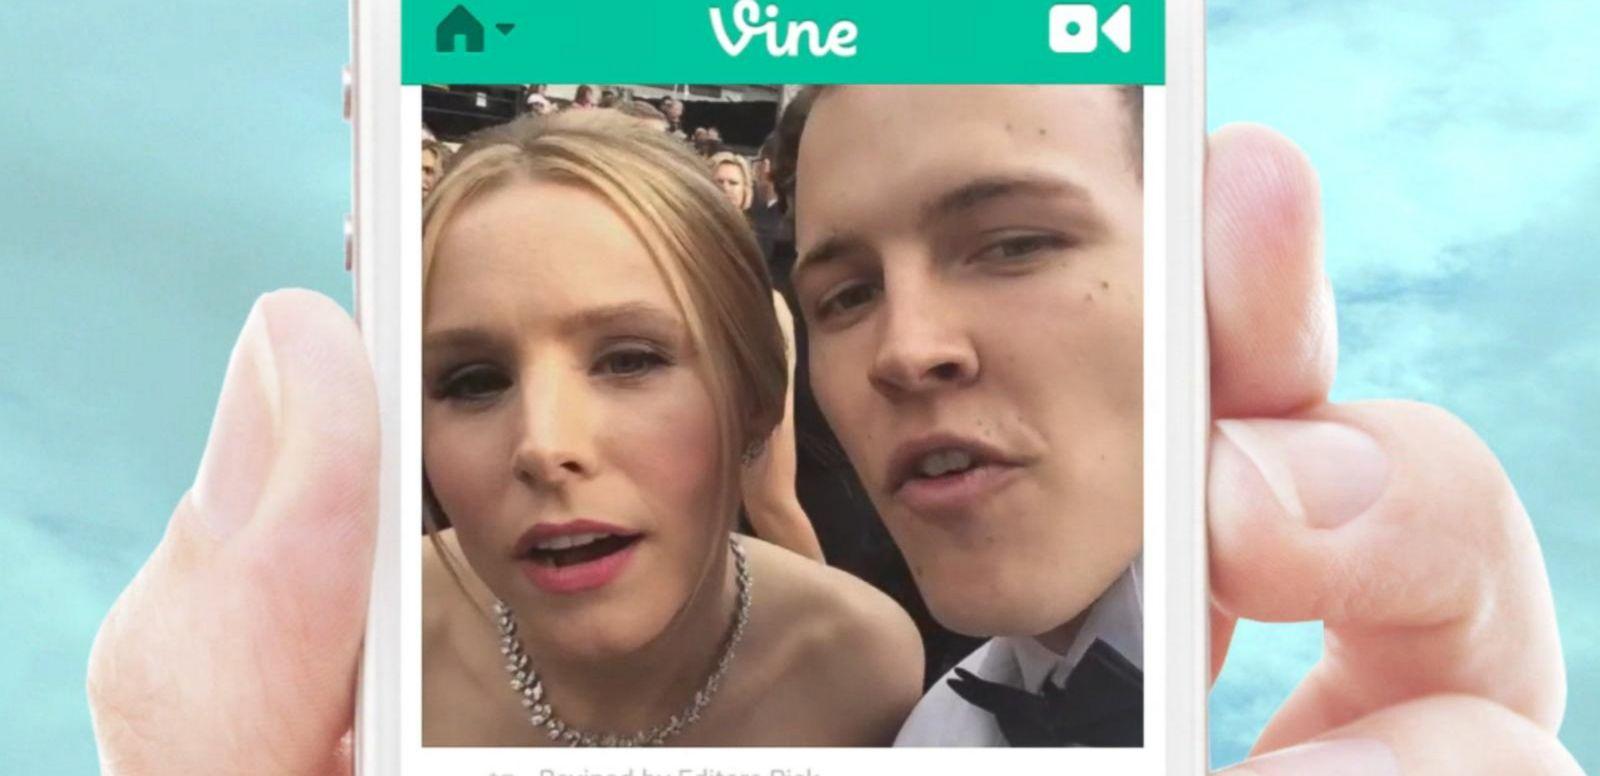 VIDEO: 'King of Vine' Jerome Jarre on Finding Social Media Celebrity